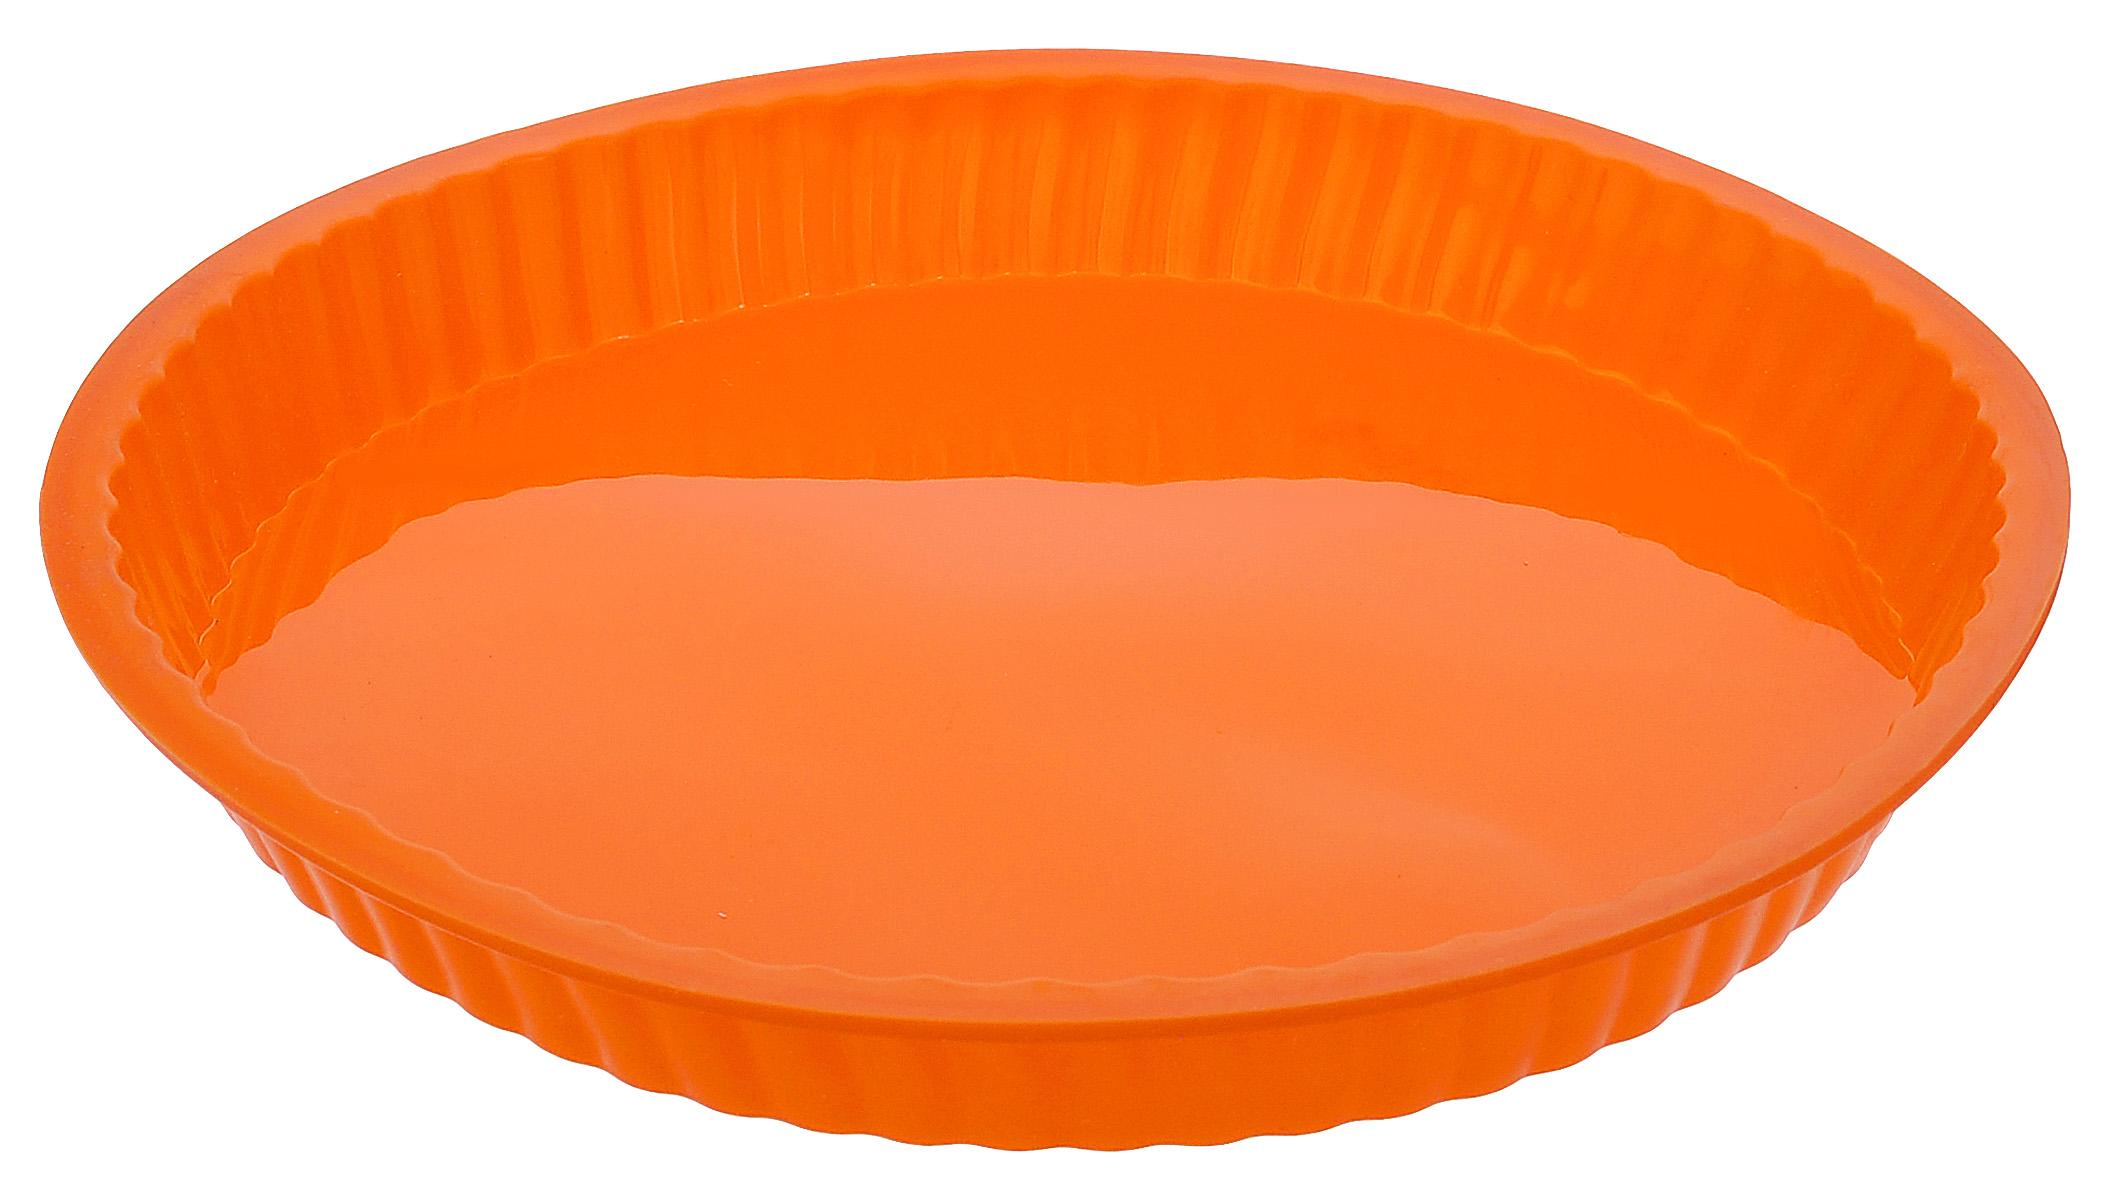 Форма для выпечки Taller, цвет: оранжевый, диаметр 26 смTR-6203_оранжевыйКруглая форма для выпечки Taller изготовлена из силикона - материала, который выдерживает температуру от -20°С до +220°С. Изделия из силикона очень удобны в использовании: пища в них не пригорает и не прилипает к стенкам, форма легко моется. Приготовленное блюдо можно очень просто вытащить, просто перевернув форму, при этом внешний вид блюда не нарушится. Изделие обладает эластичными свойствами: складывается без изломов, восстанавливает свою первоначальную форму. Порадуйте своих родных и близких любимой выпечкой в необычном исполнении. Подходит для приготовления в микроволновой печи и духовом шкафу при нагревании до +220°С; для замораживания до -20°С и чистки в посудомоечной машине. Диаметр формы (по внутреннему краю): 24 см. Высота стенок: 3 см.